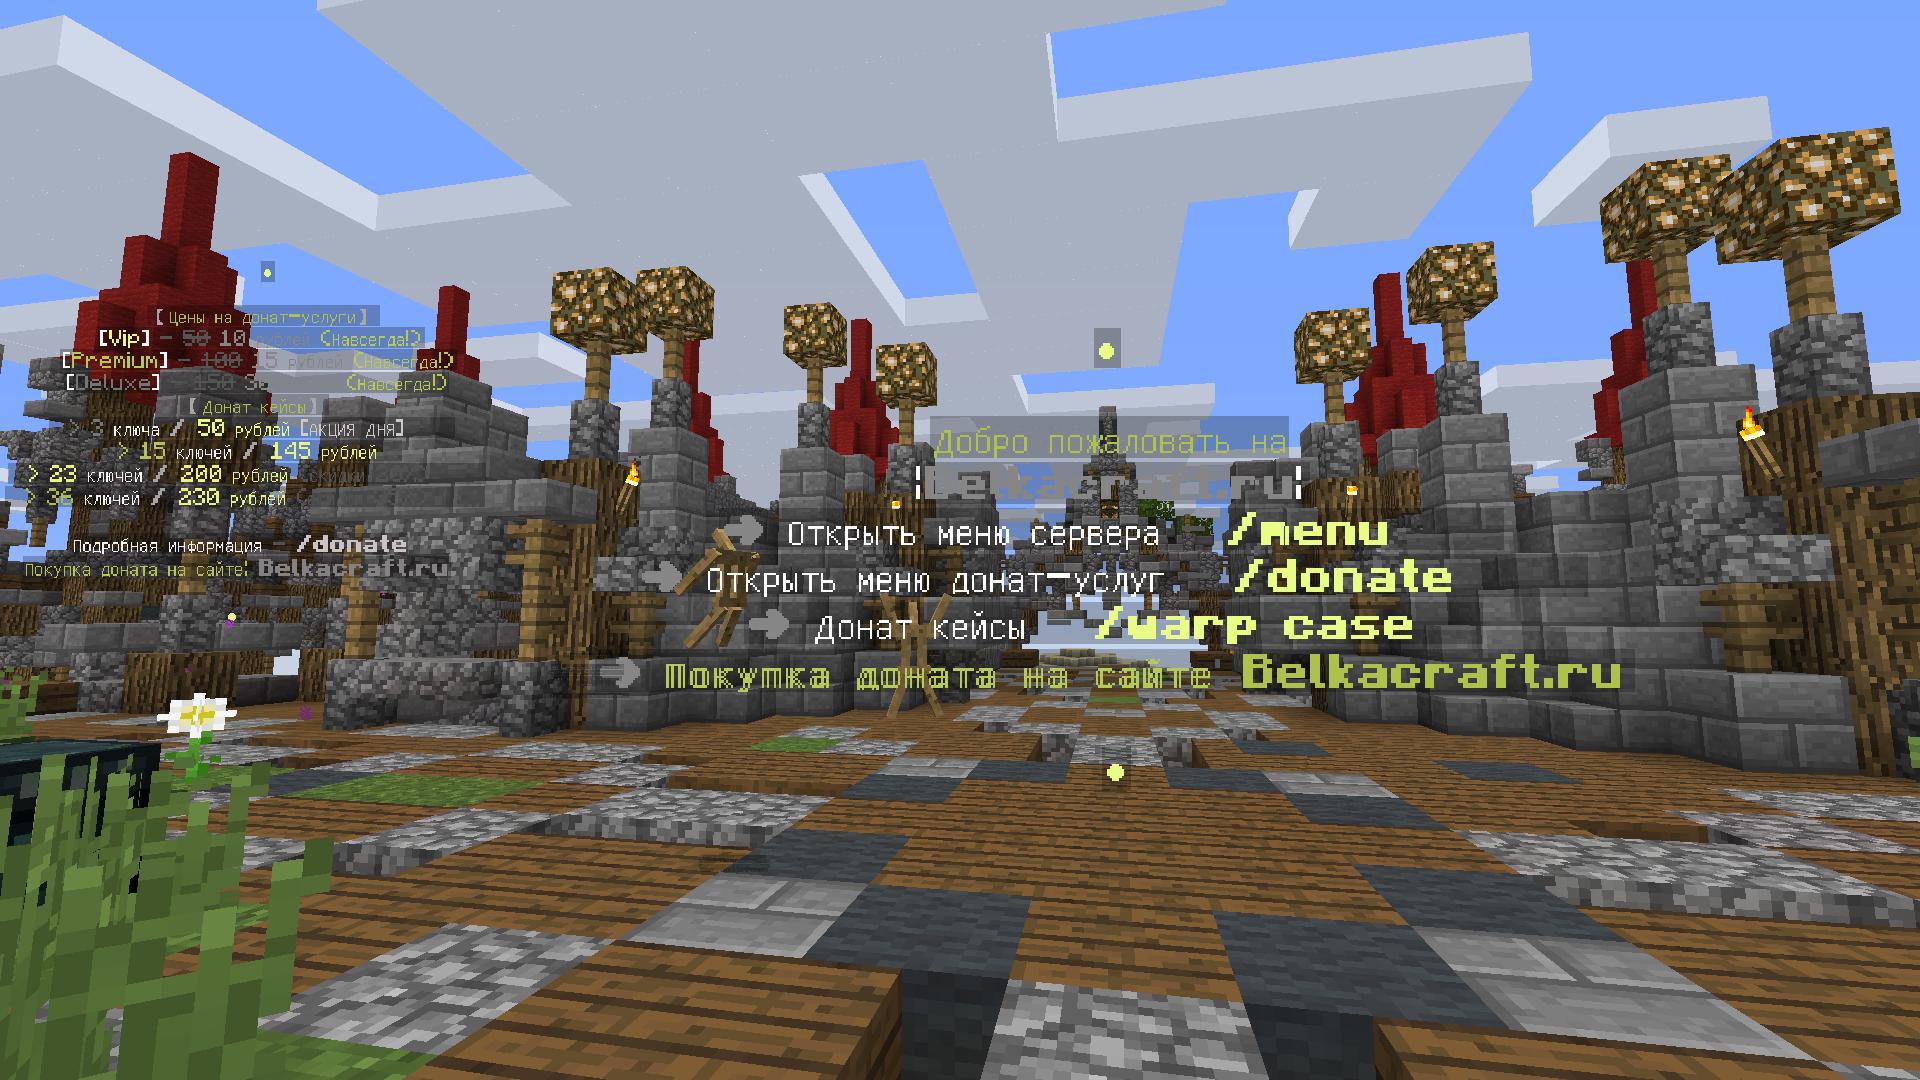 сервер для майнкрафт с петами картинка сервера скелет и паук